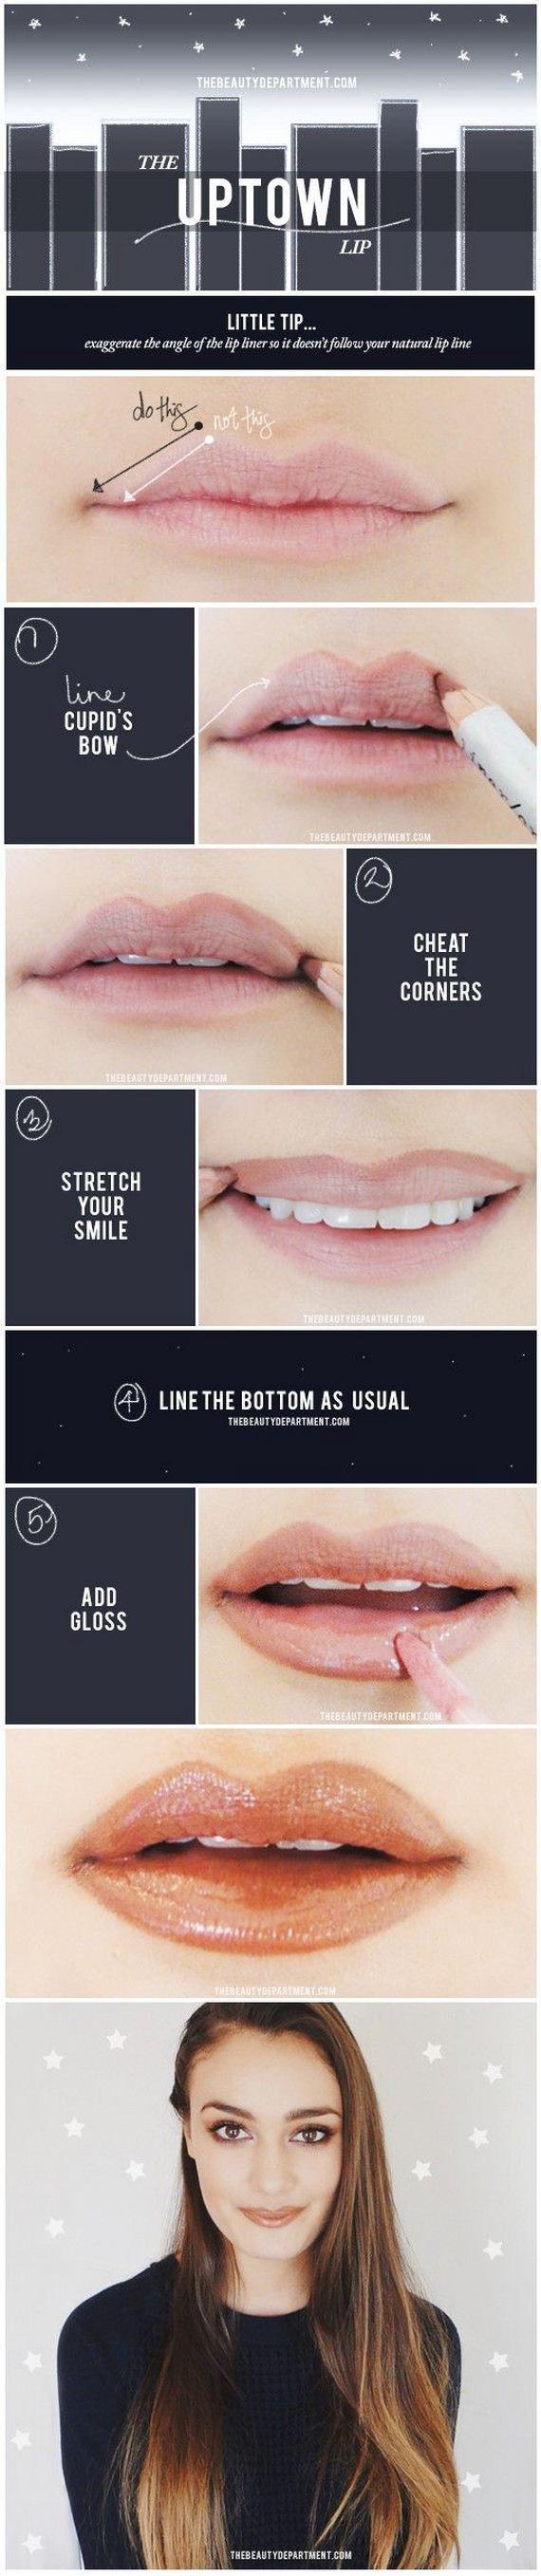 03-Fuller-Lips